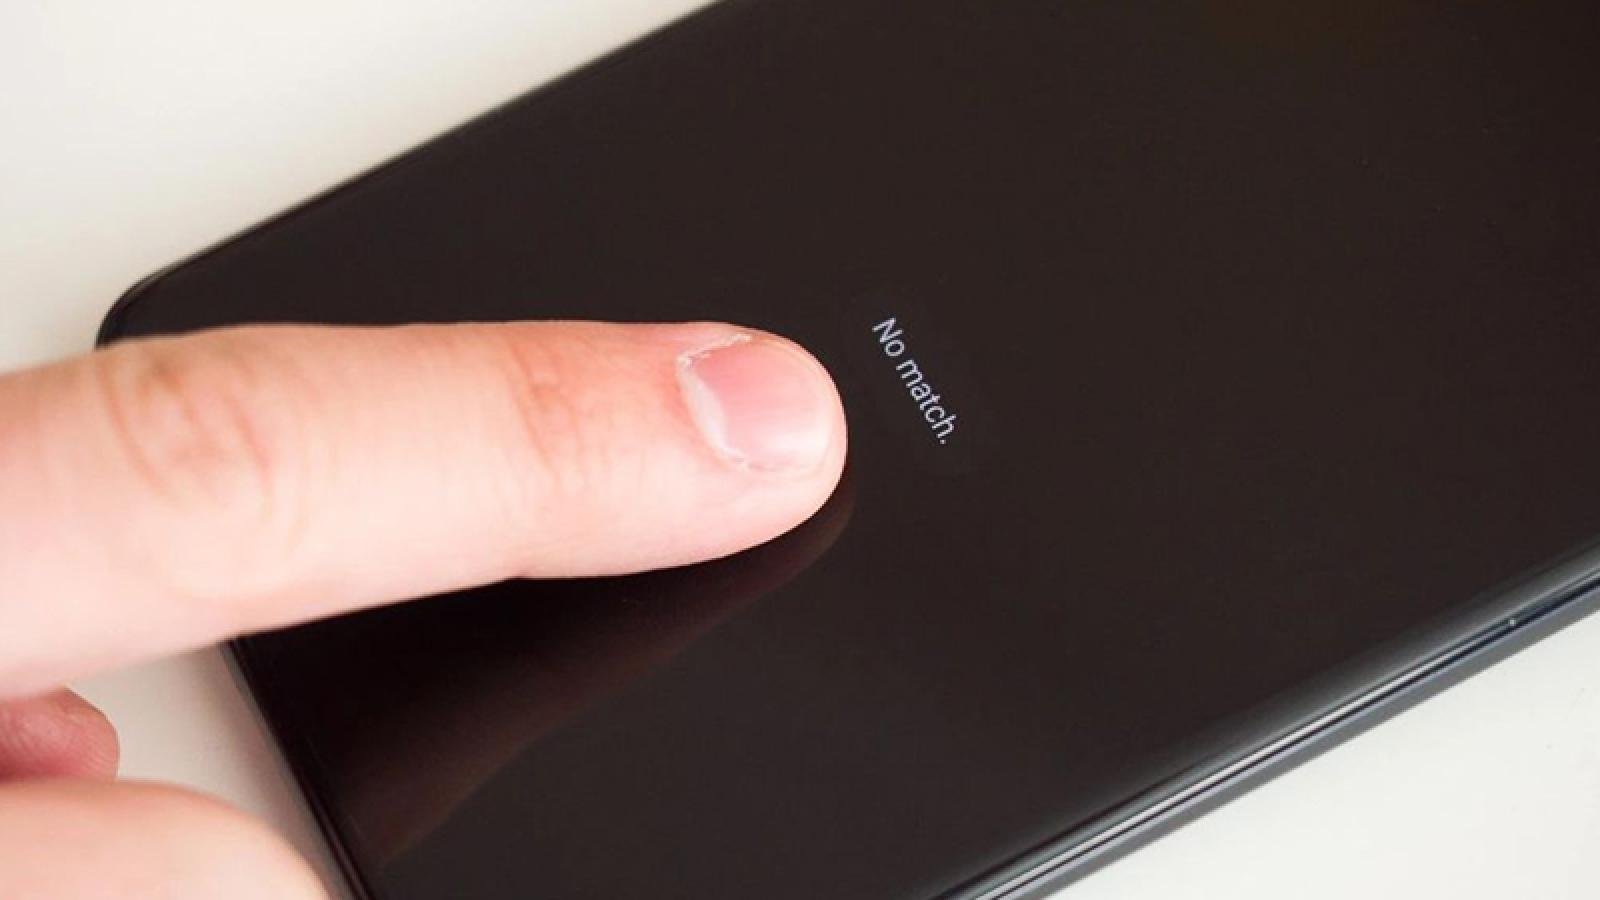 Lỗ hổng chưa được vá trong điện thoại Samsung cho phép tin tặc đọc tin nhắn